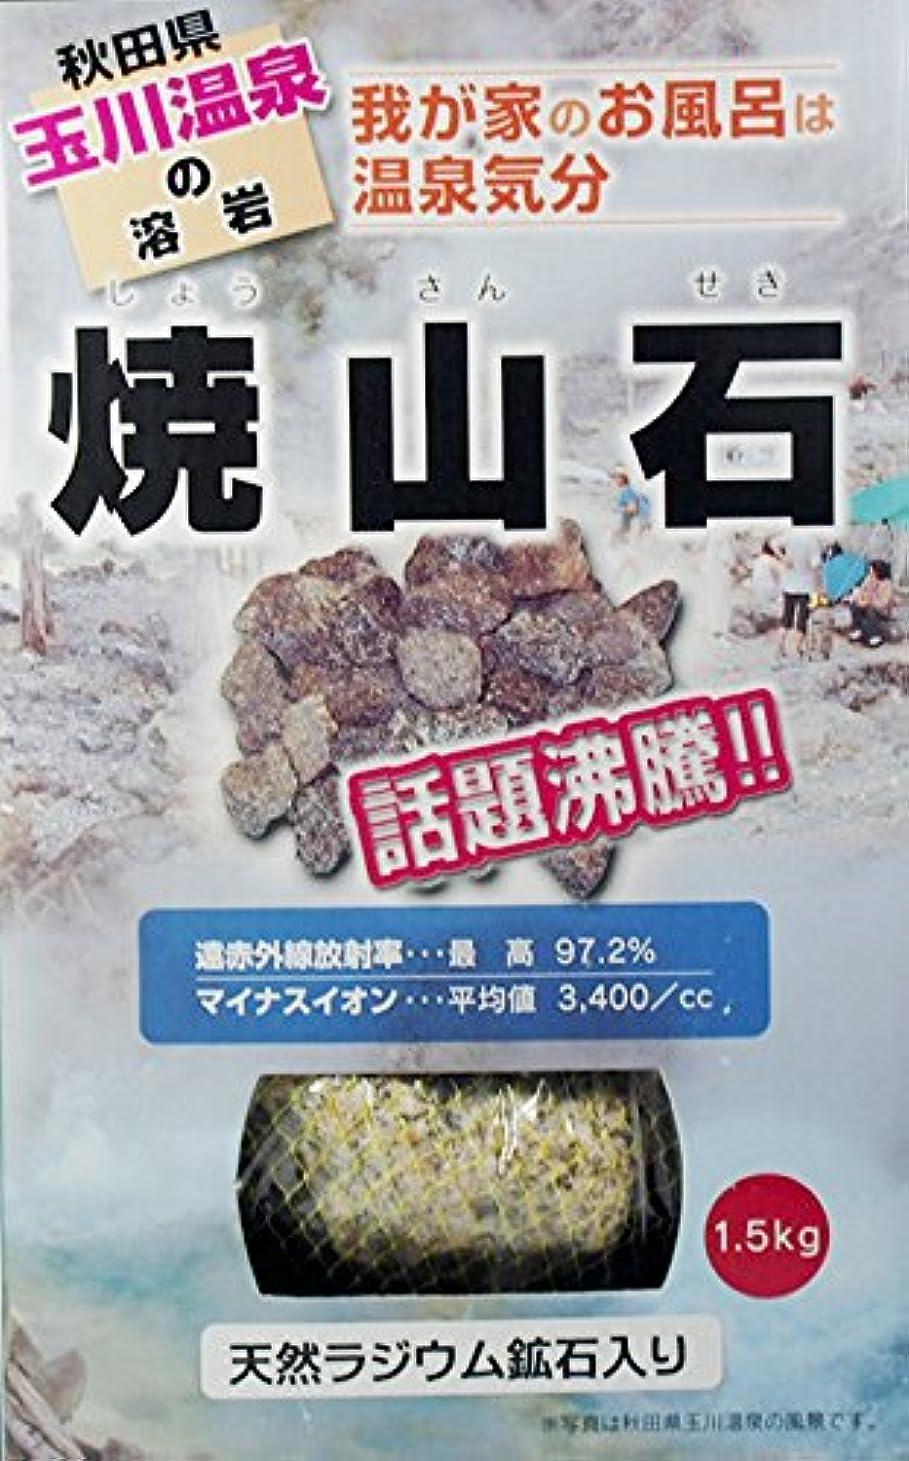 クロール紫の壮大な【秋田玉川温泉湧出の核、焼山の溶岩】焼山石1.5kg(国産ラジウム鉱石混入)【お風呂でポカポカに】